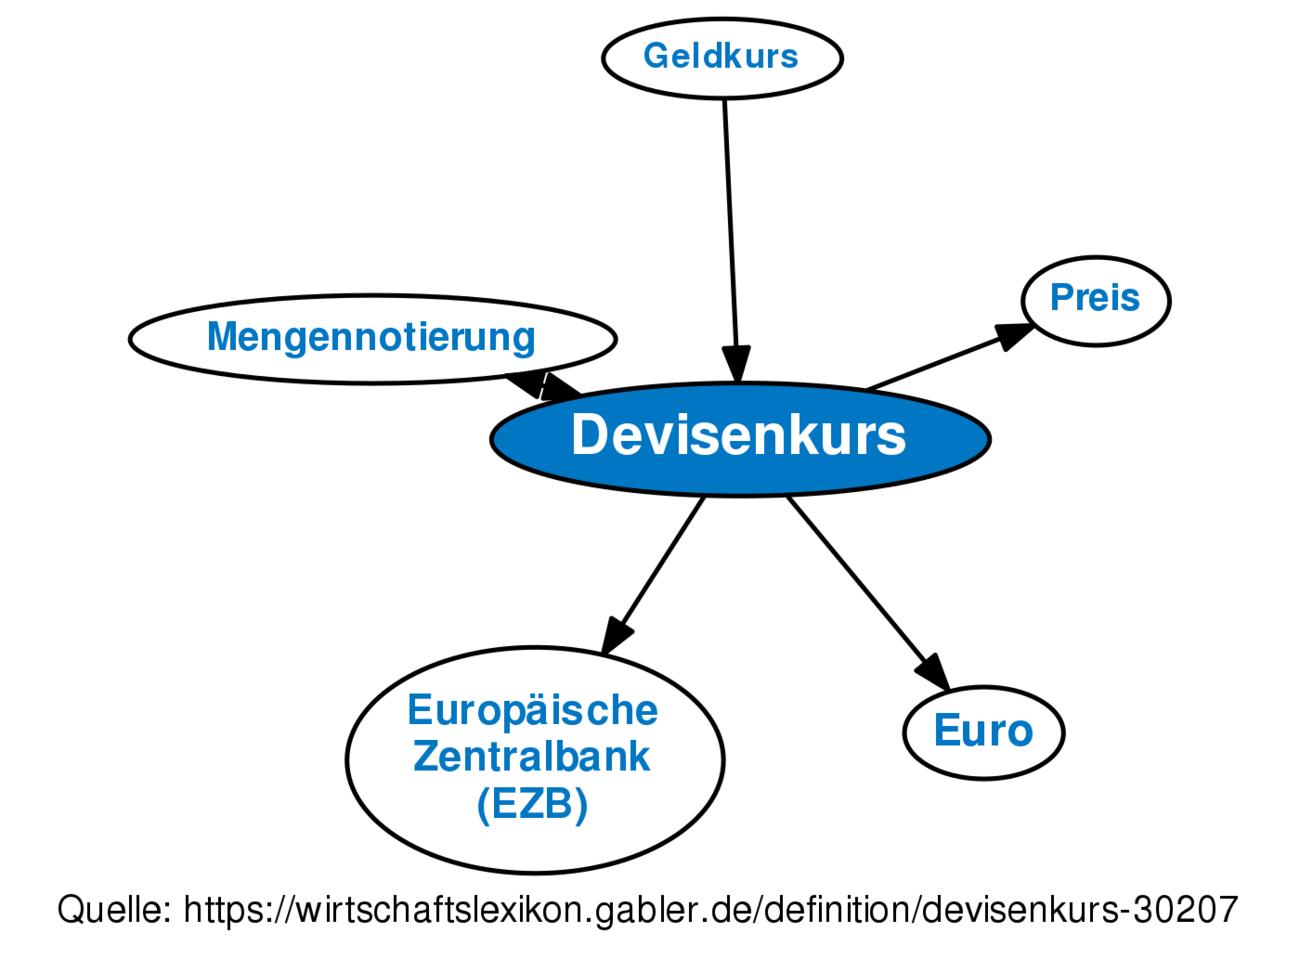 Devisenkurs Definition Gabler Wirtschaftslexikon